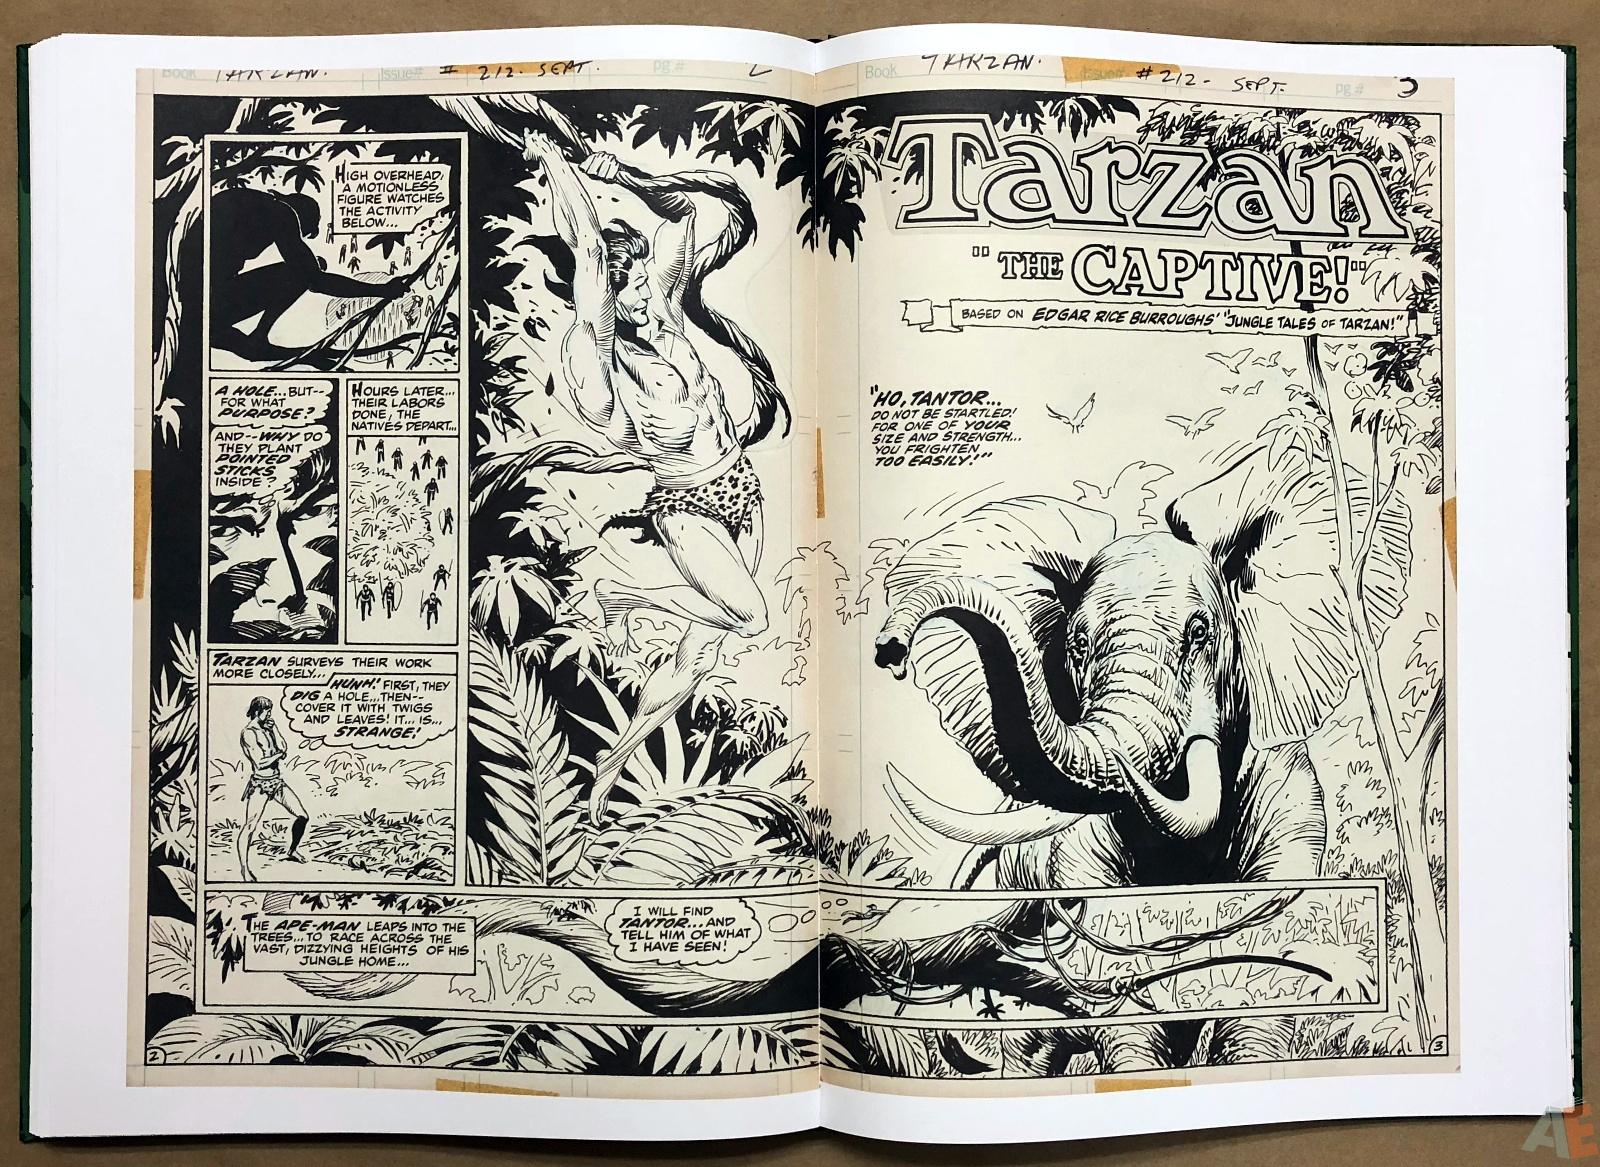 Joe Kubert's Tarzan of the Apes Artist's Edition 38